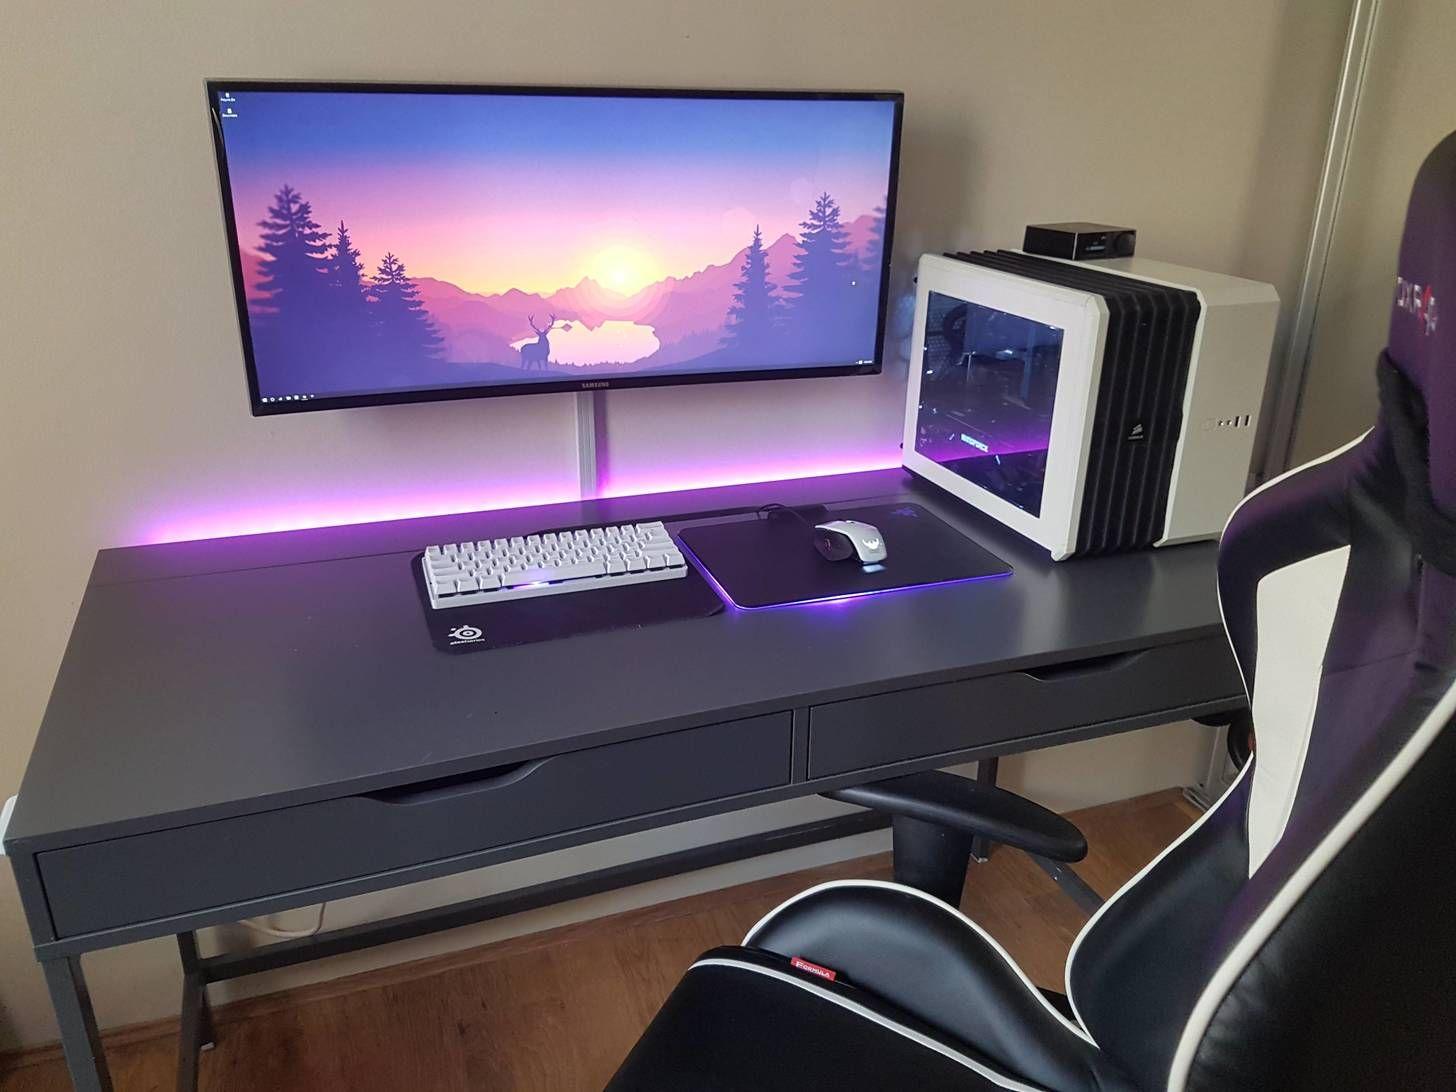 Pin By Kandice W On Workspace Gaming Setup Desk Setup Diy